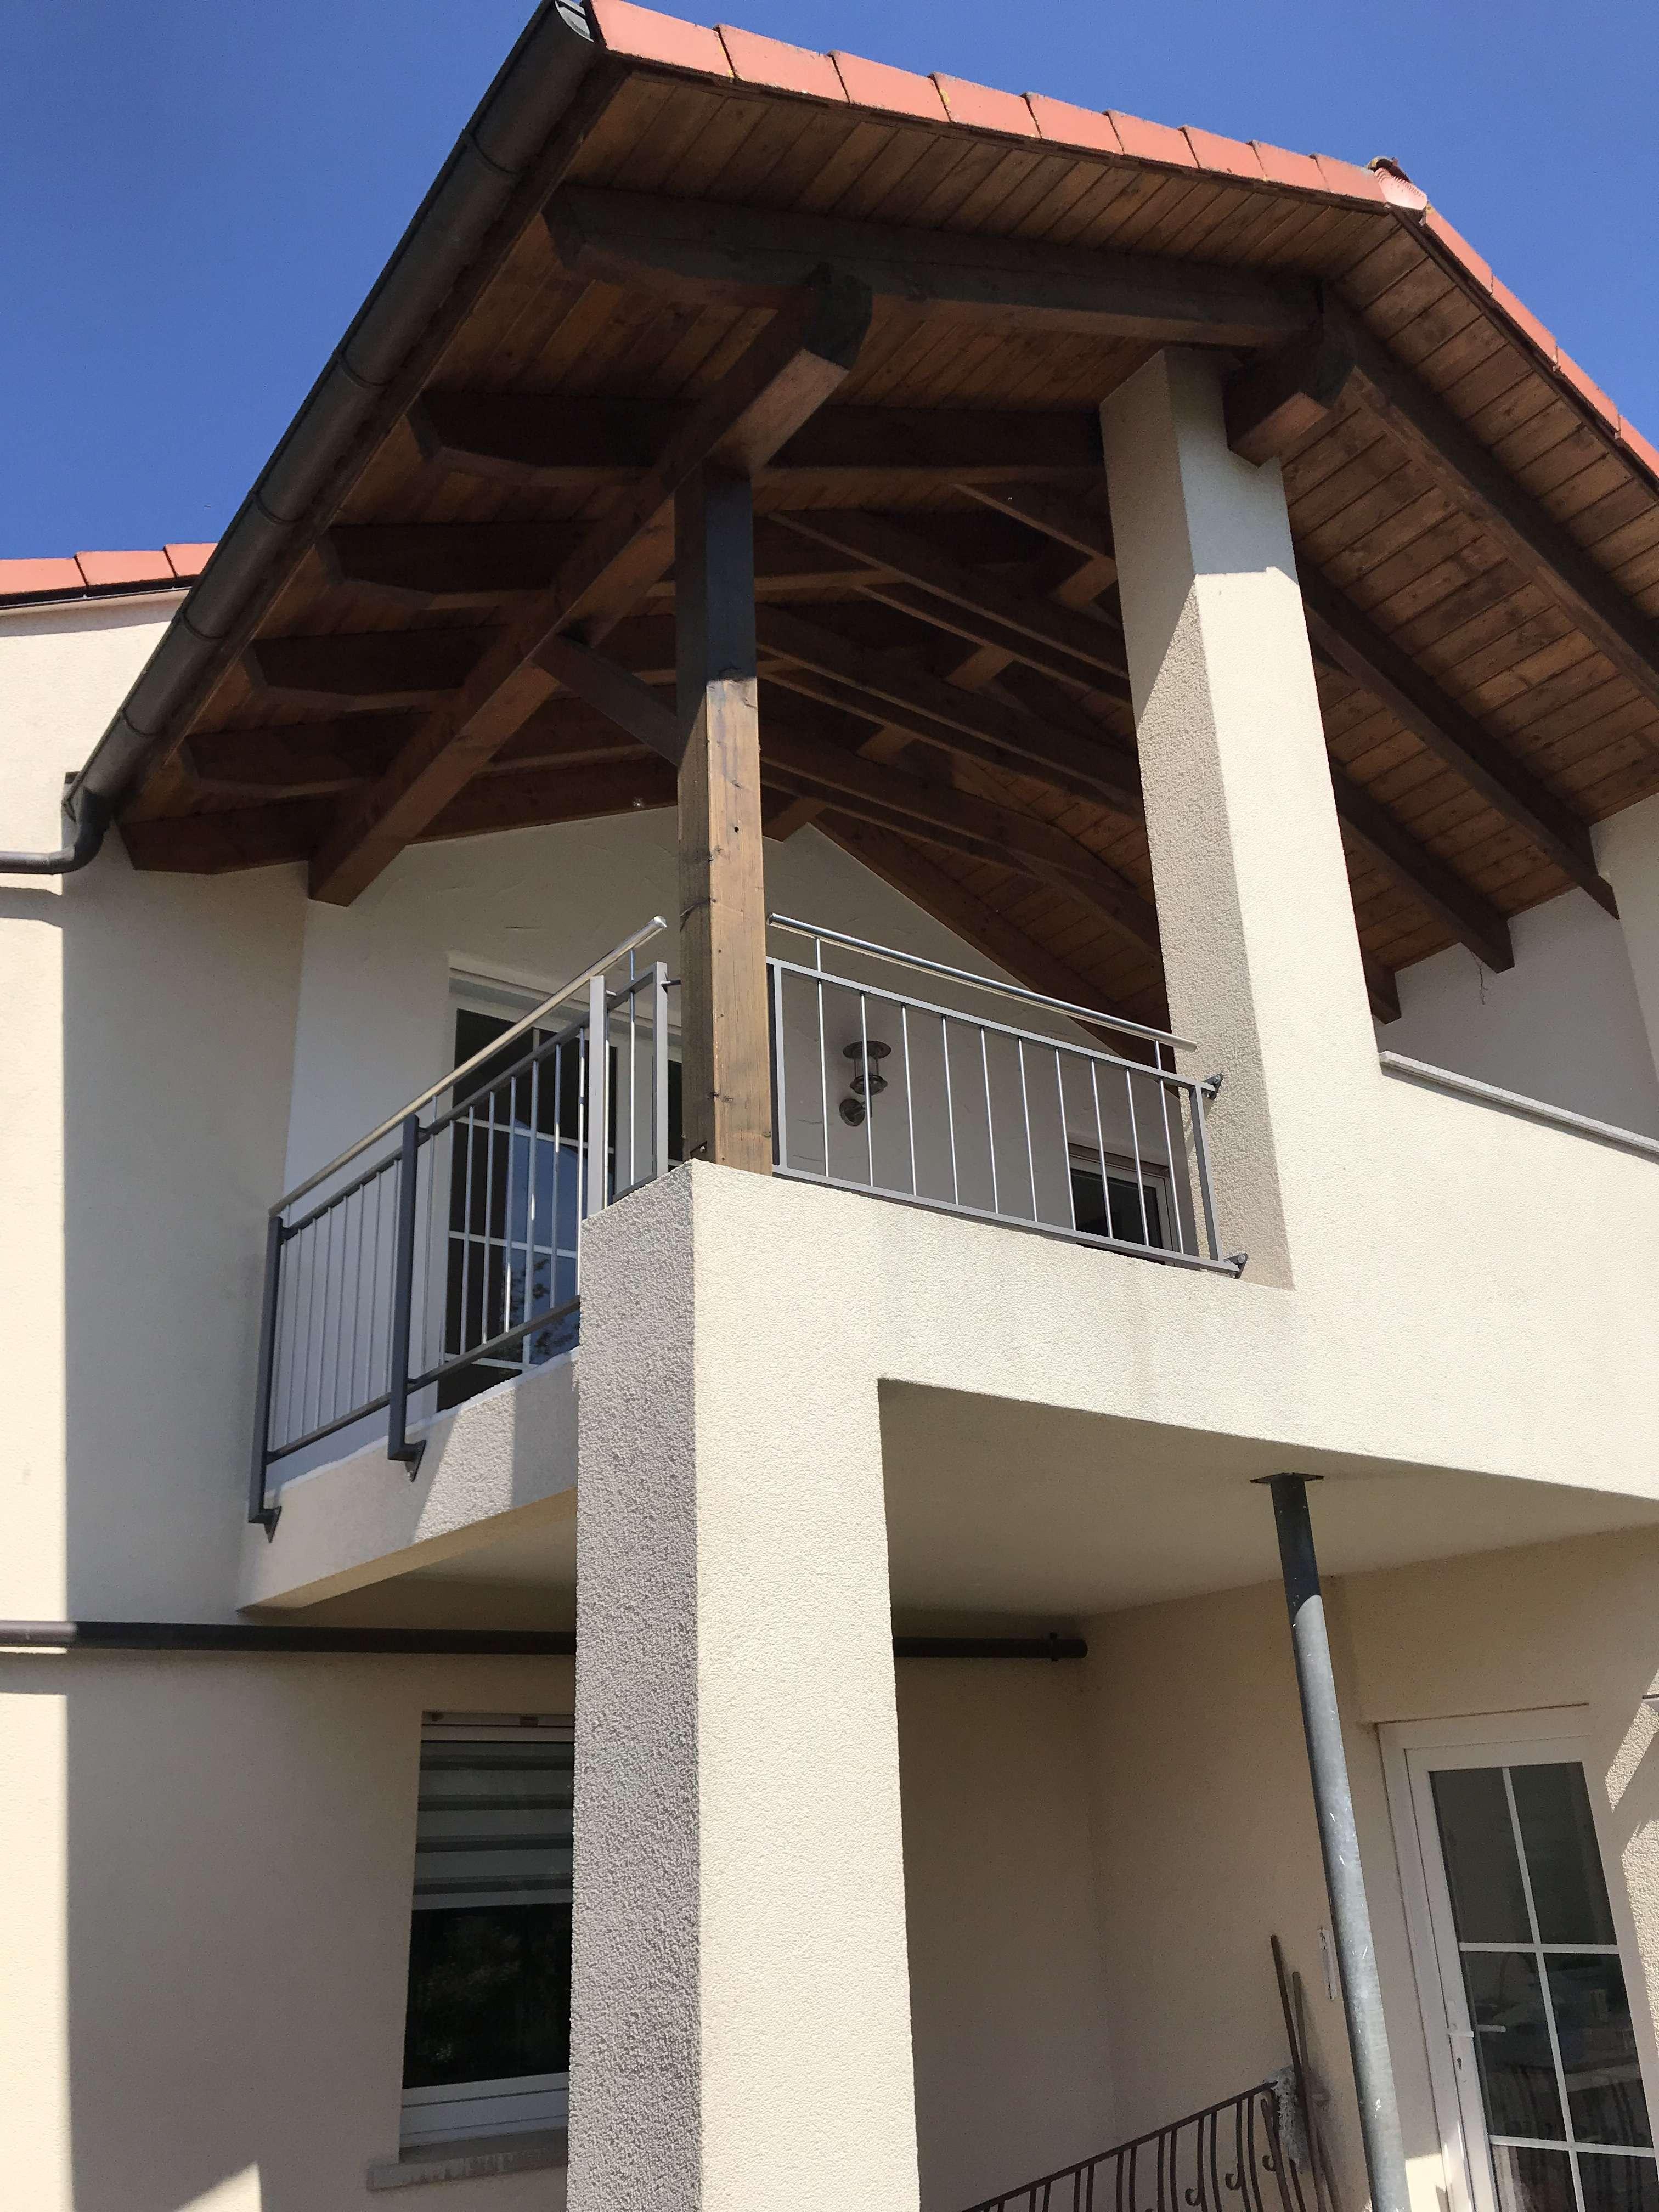 Wohnen in Wasserlos:  Attraktive  3-Zimmer-Wohnung mit Balkon und hochwertiger Einbauküche